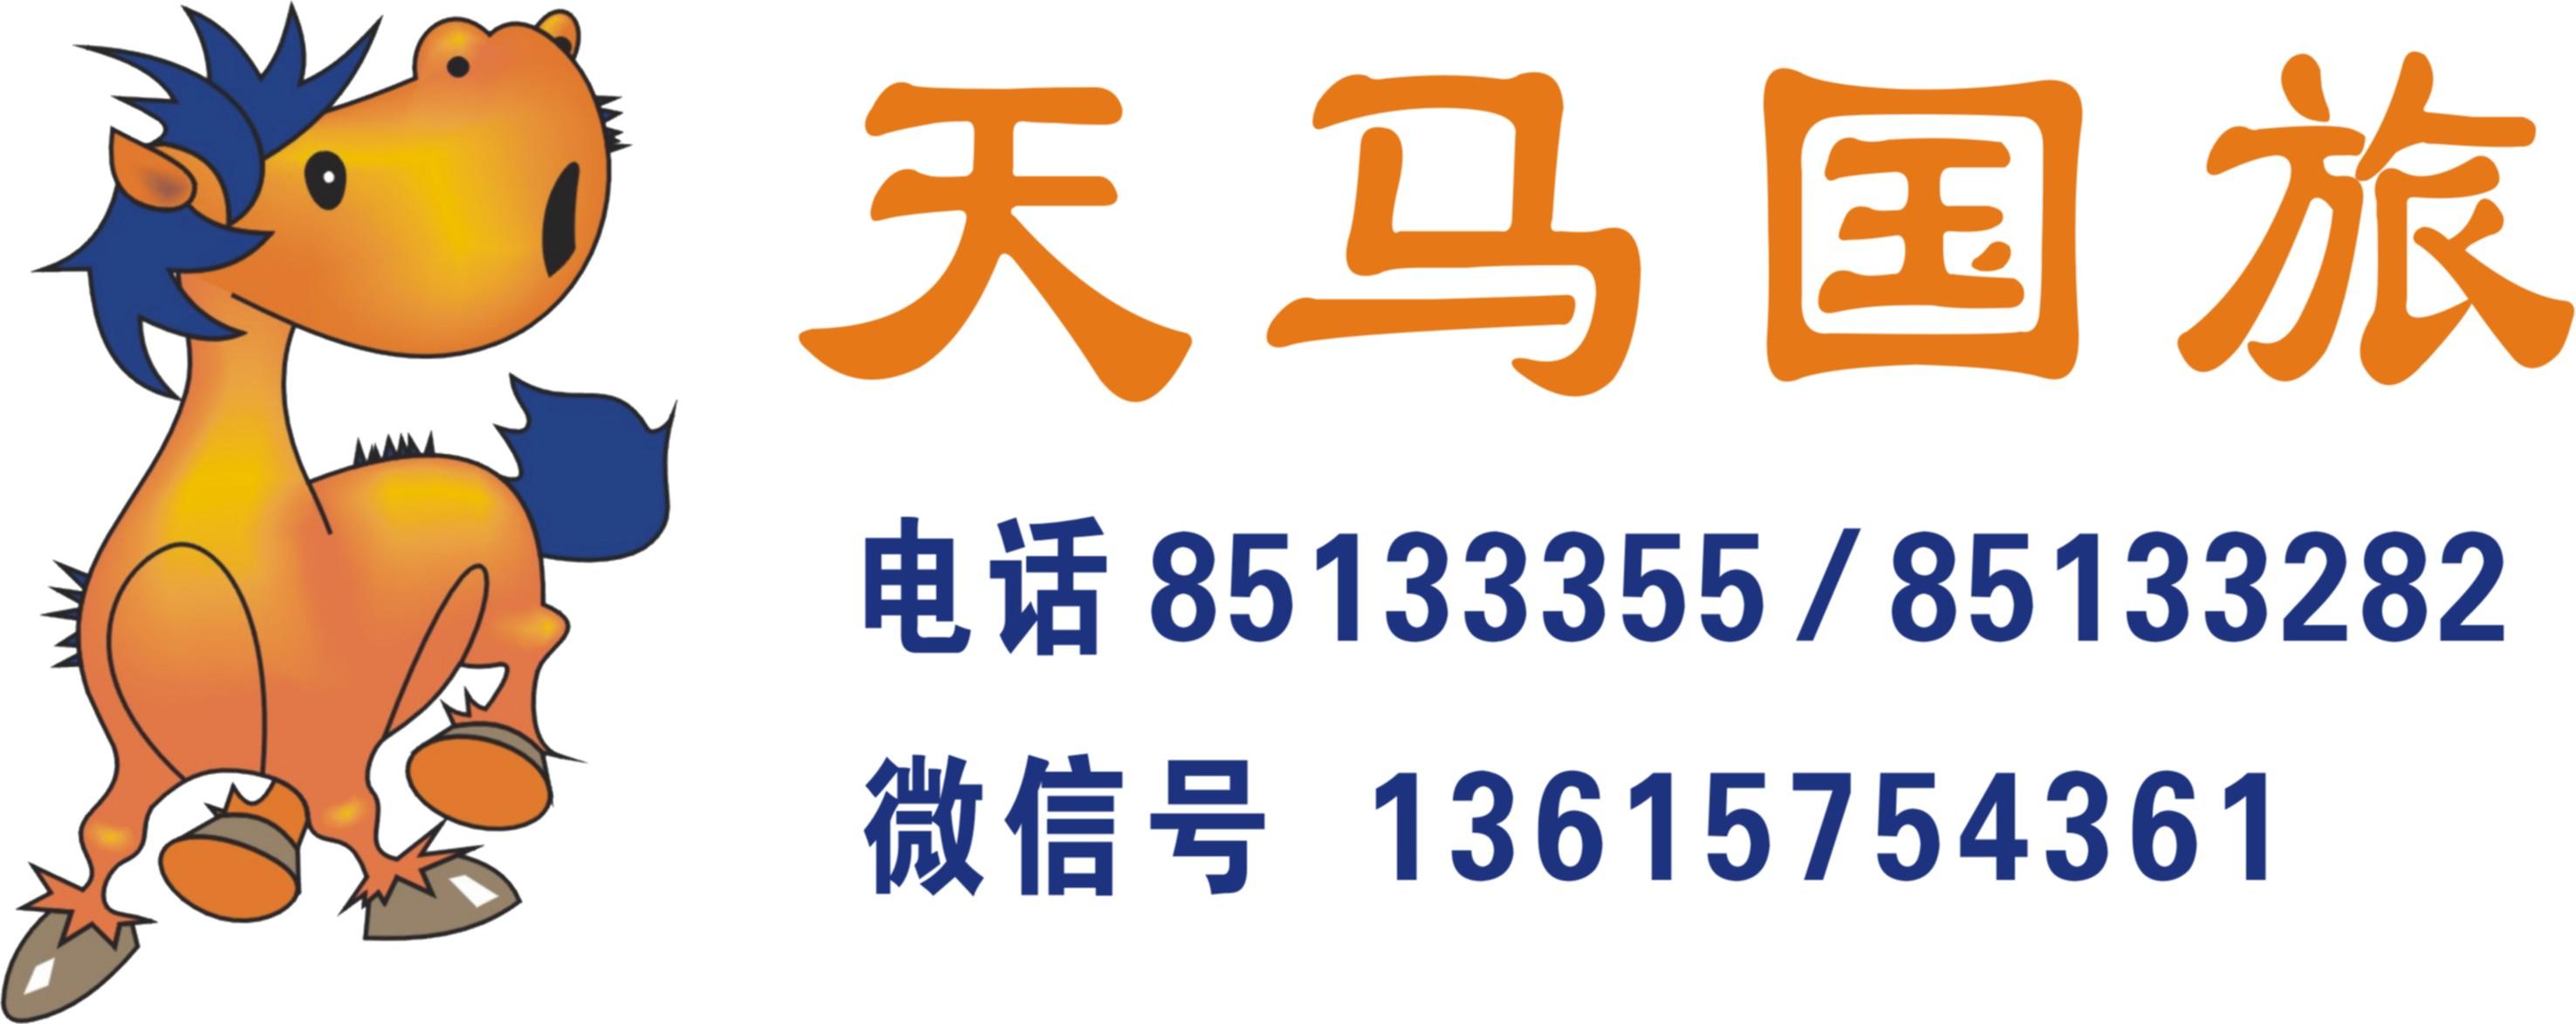 7.27【台州三门滑泥乐园、蛇蟠岛、海盗村、木勺沙滩二日】